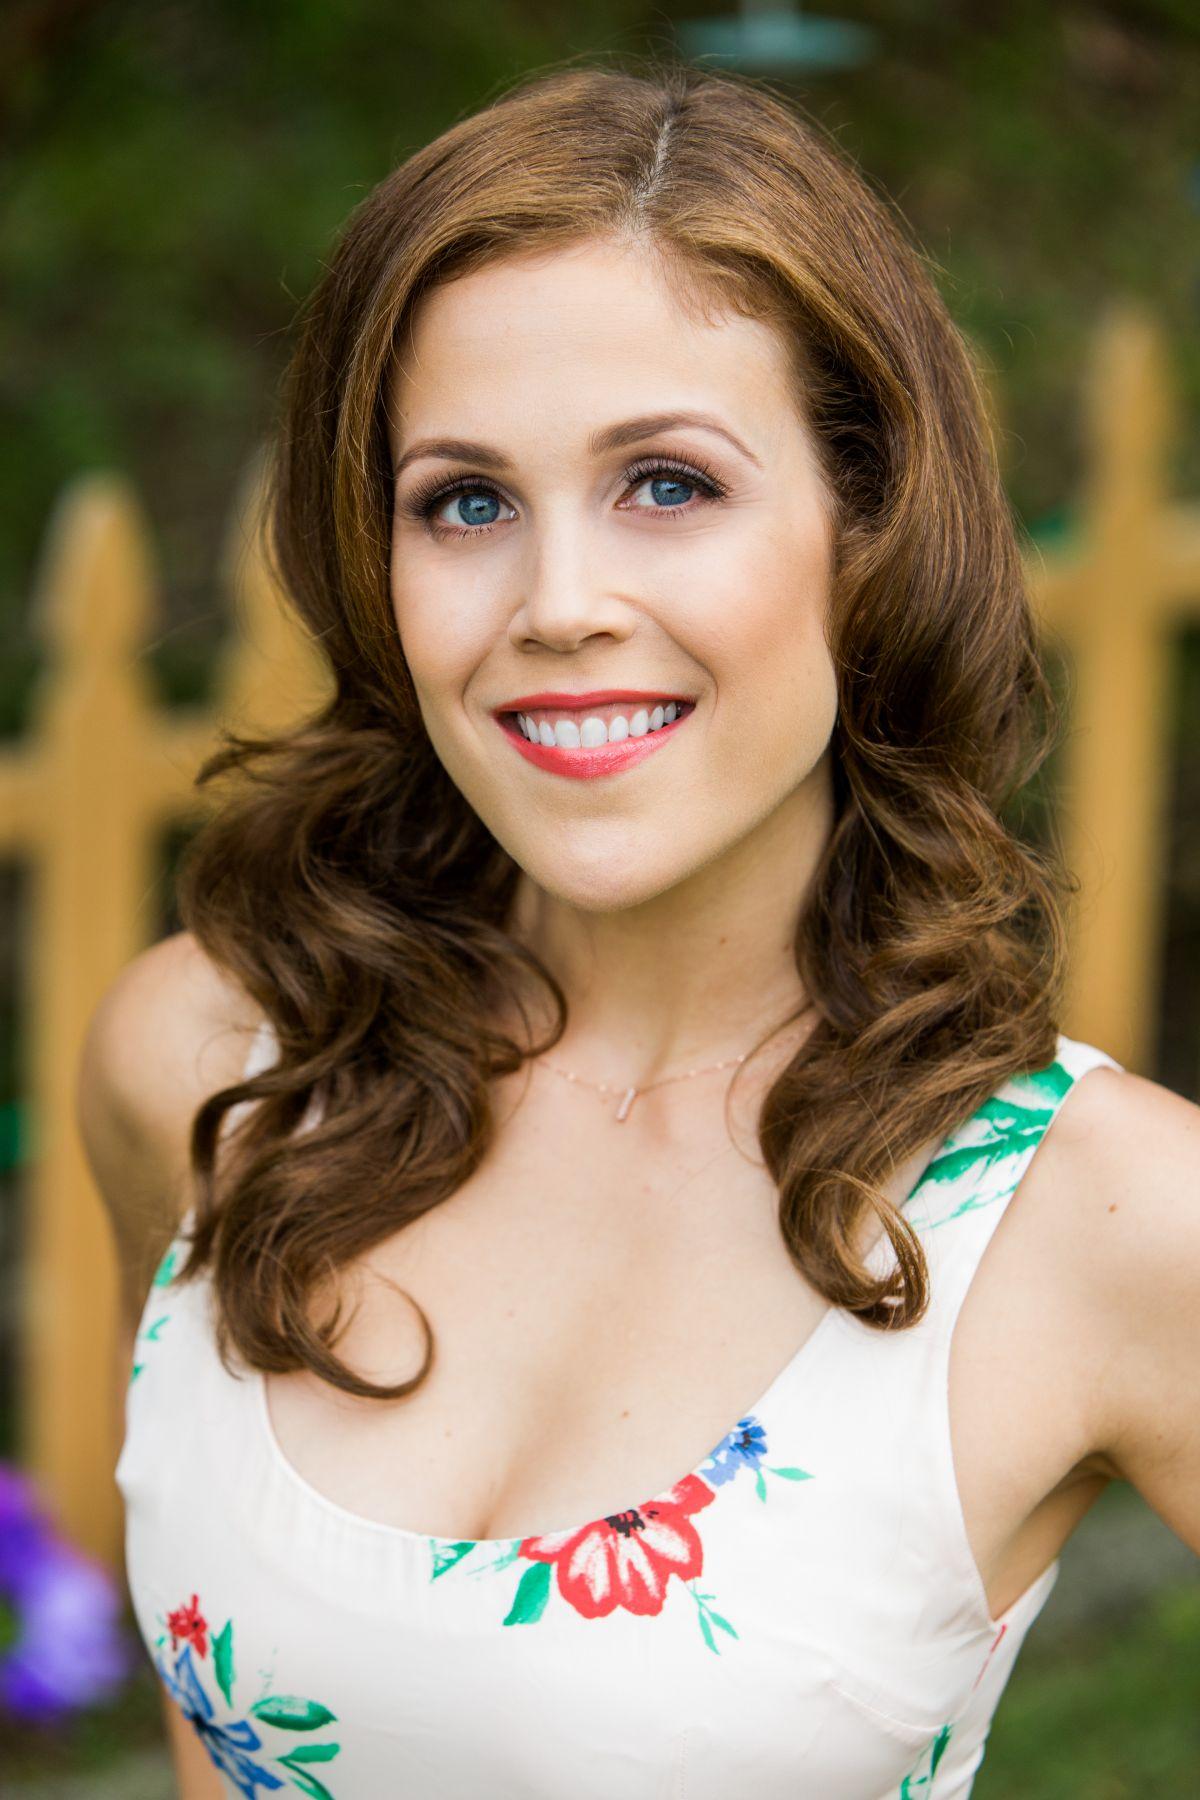 Erin Krakow looks beautiful in a white dress